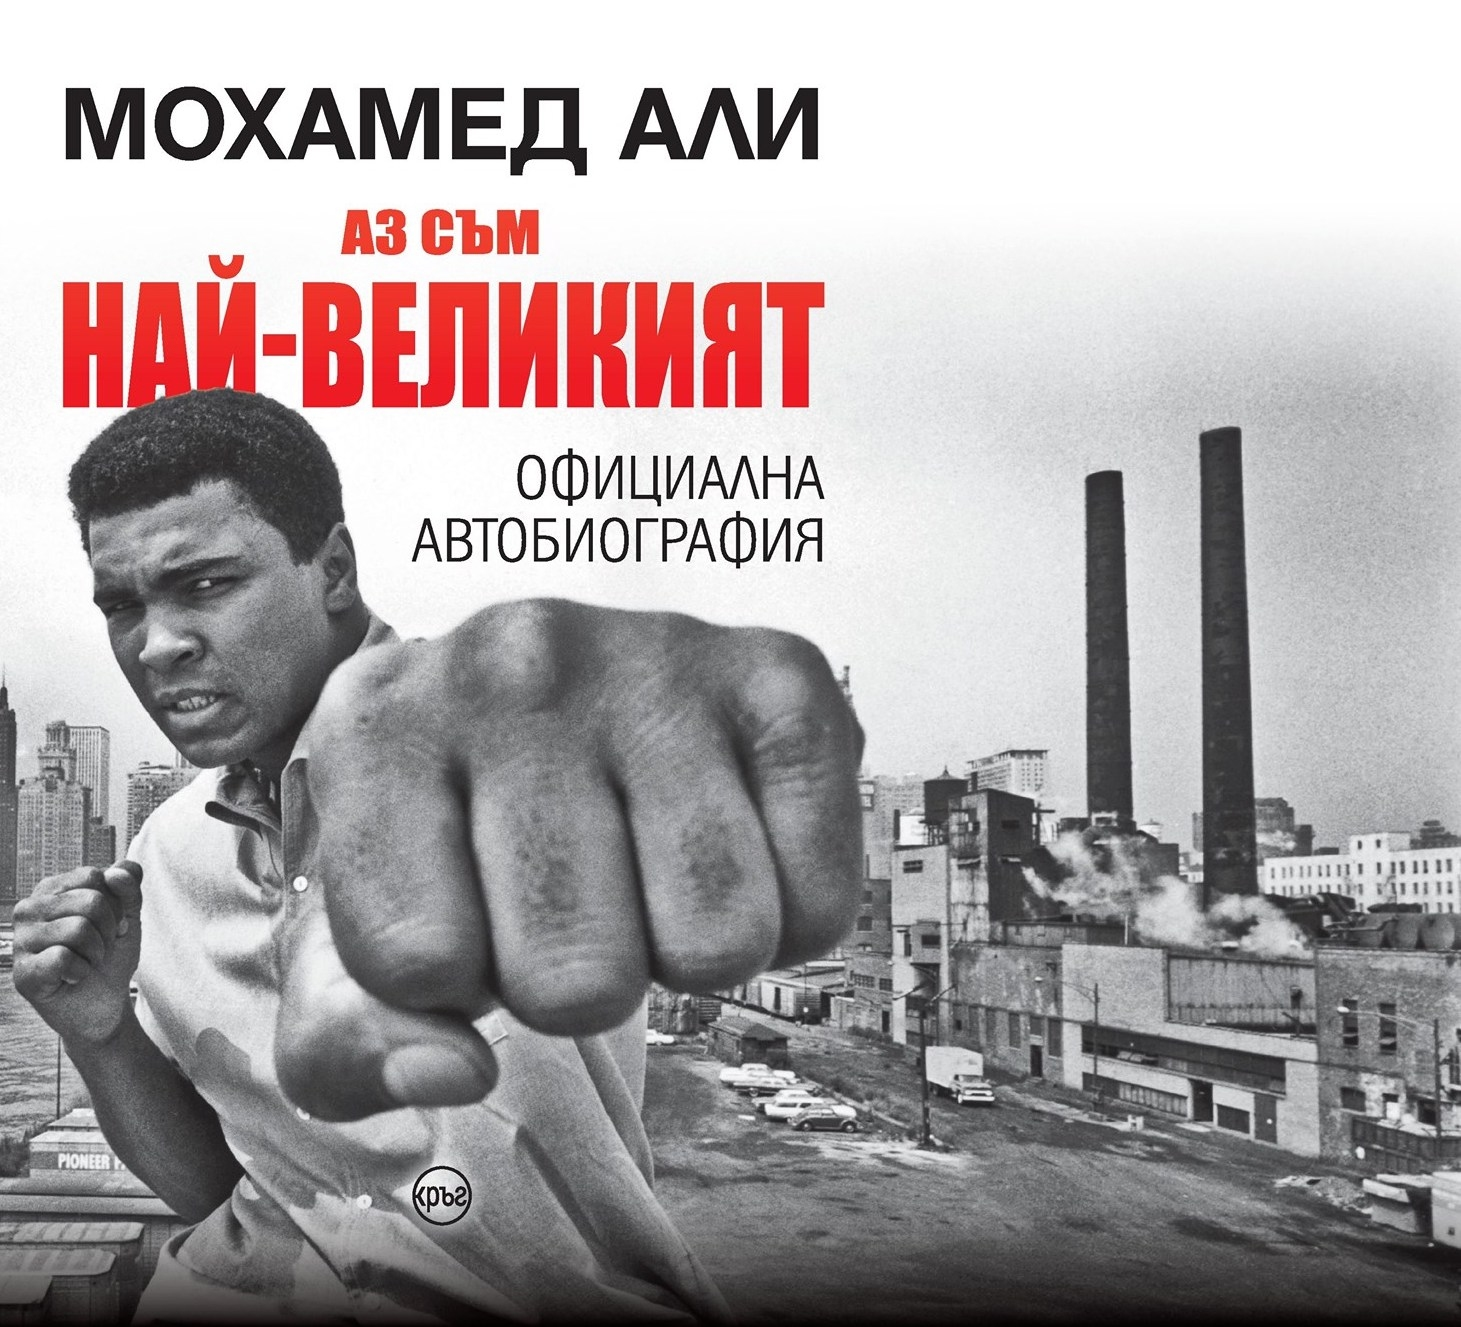 Излиза на български език единствената автобиография на легендарния боксьор Мохамед